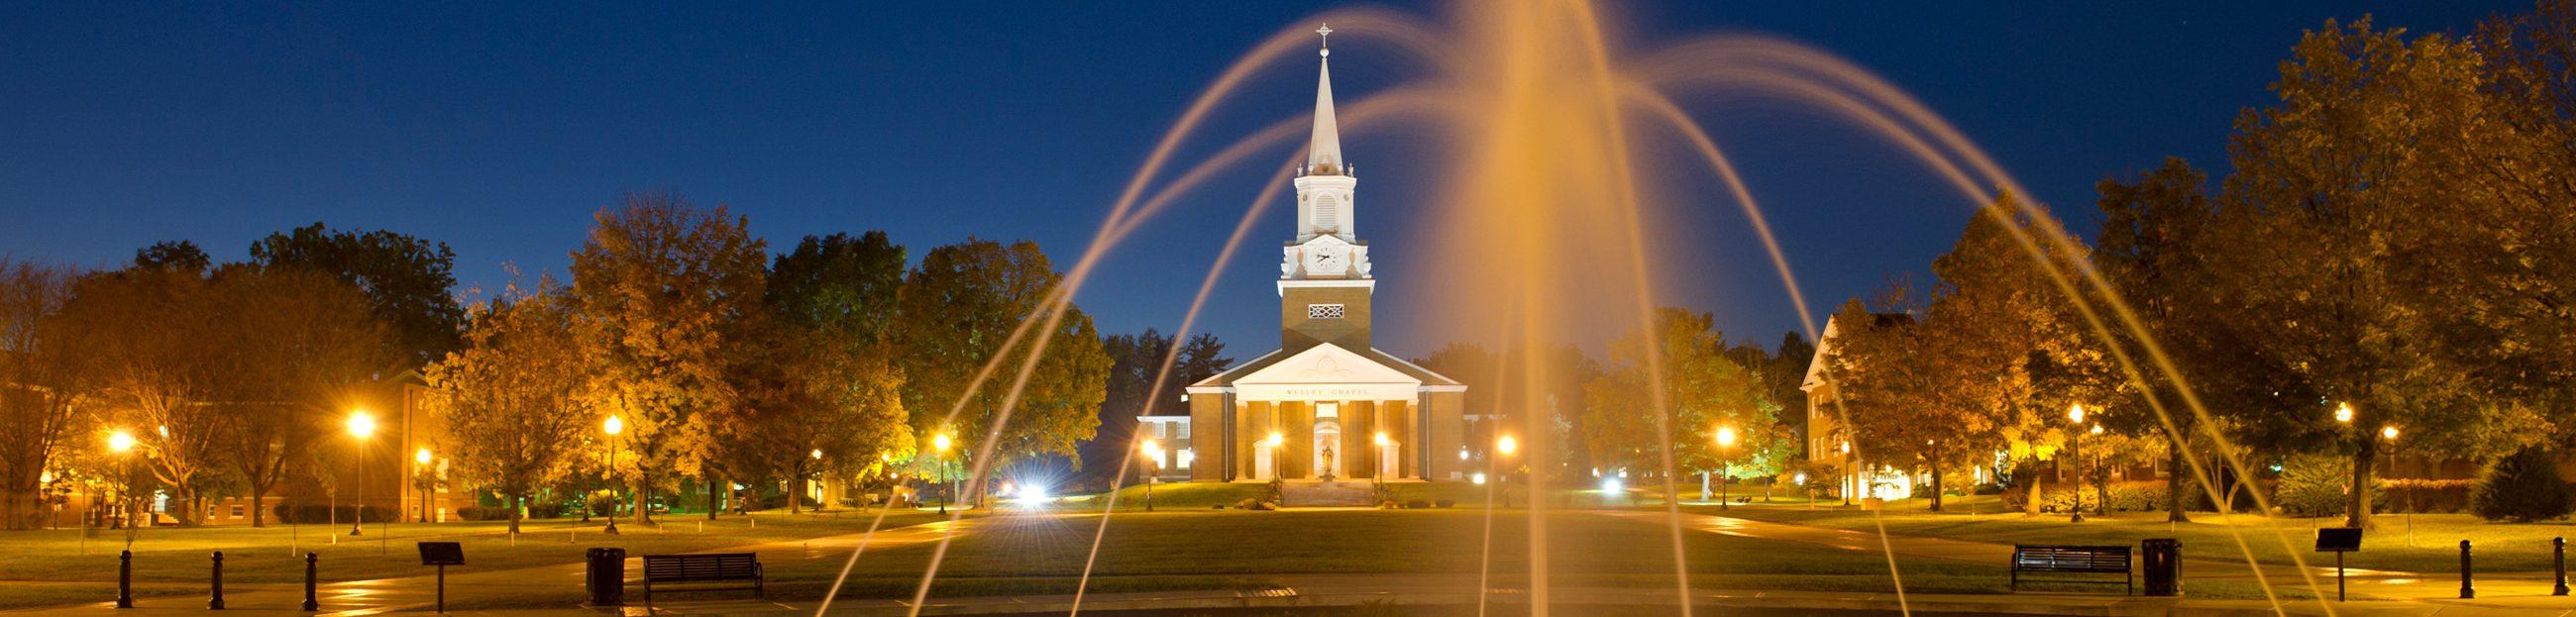 News from Wesleyan - West Virginia Wesleyan College | West